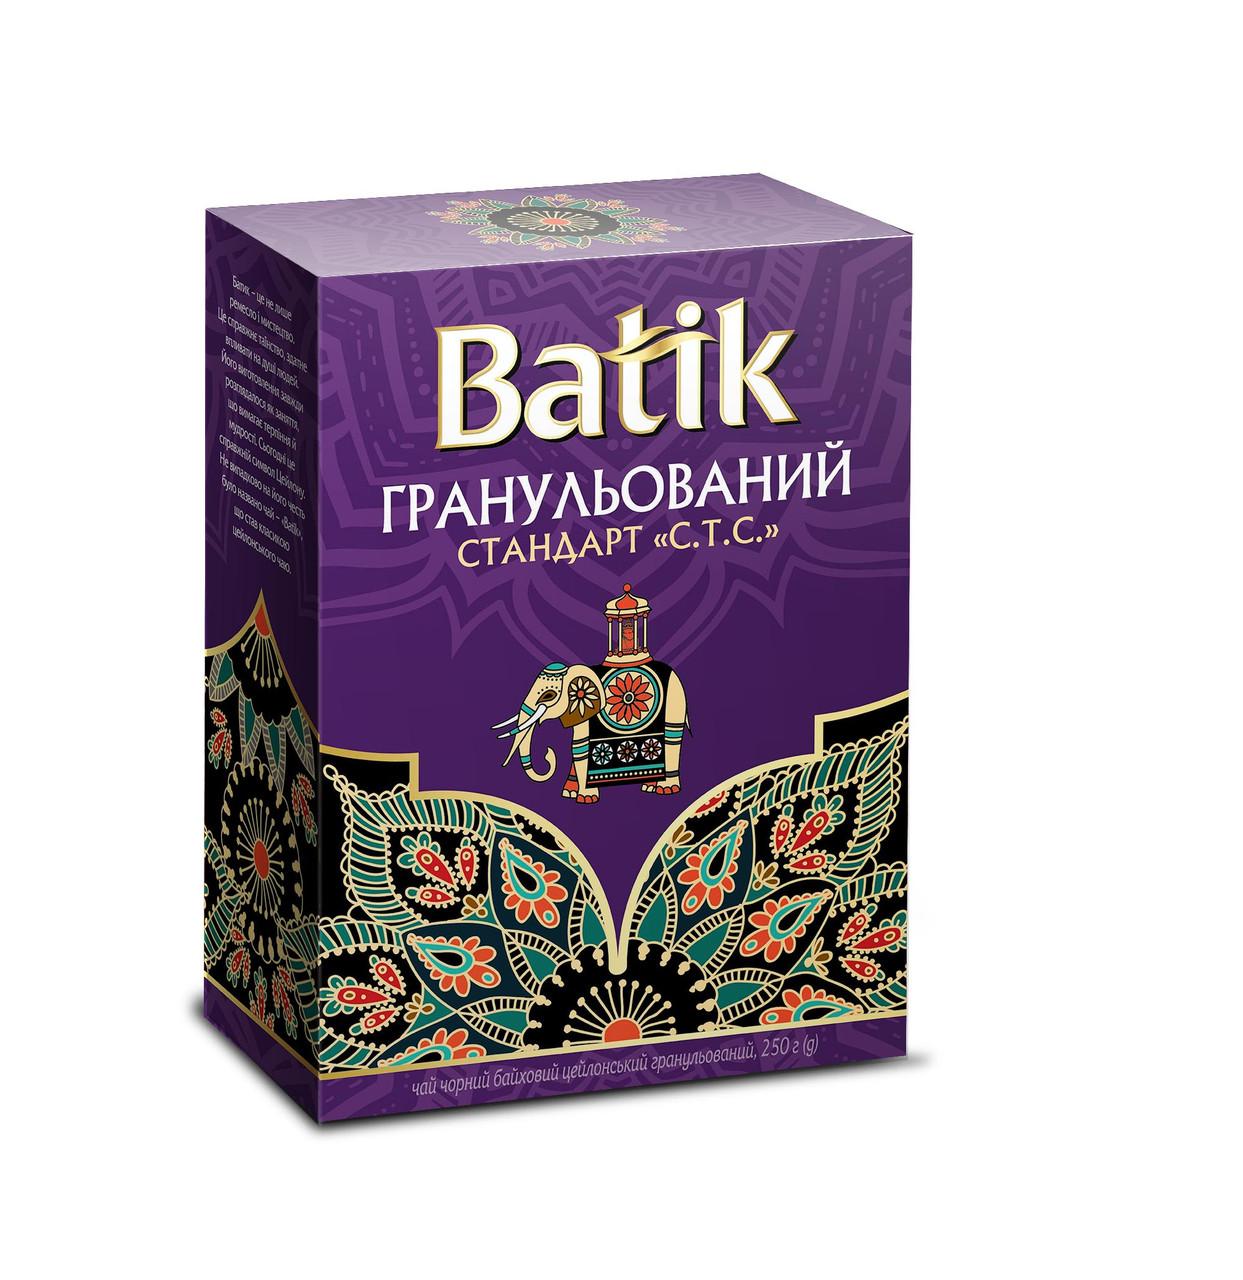 Міцний чай Батік чорний гранульований СТС 250 грам